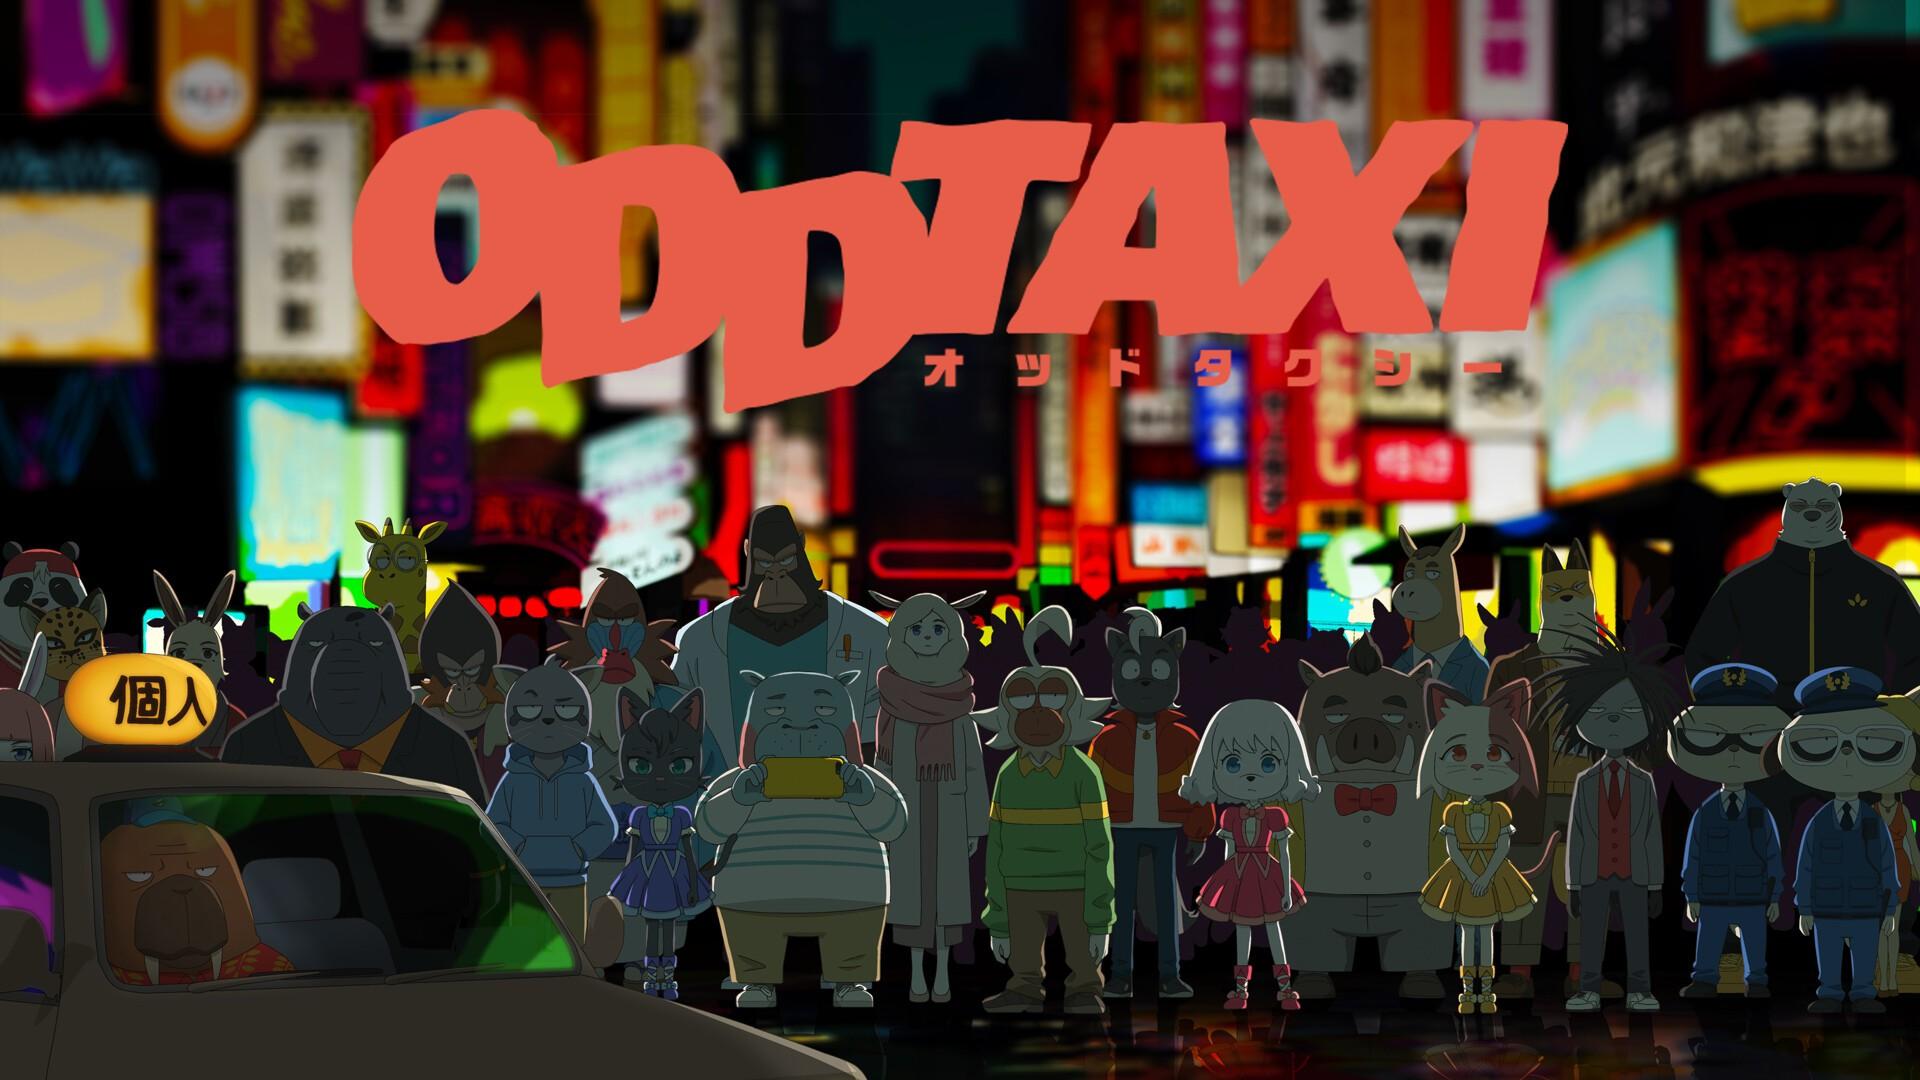 お客さん、どちらまで?「オッドタクシー」キャストトーク付きヘイタクシー!先行上映会 / 2021.03.20 (土) / TOKYO, JAPAN    ポニーキャニオン